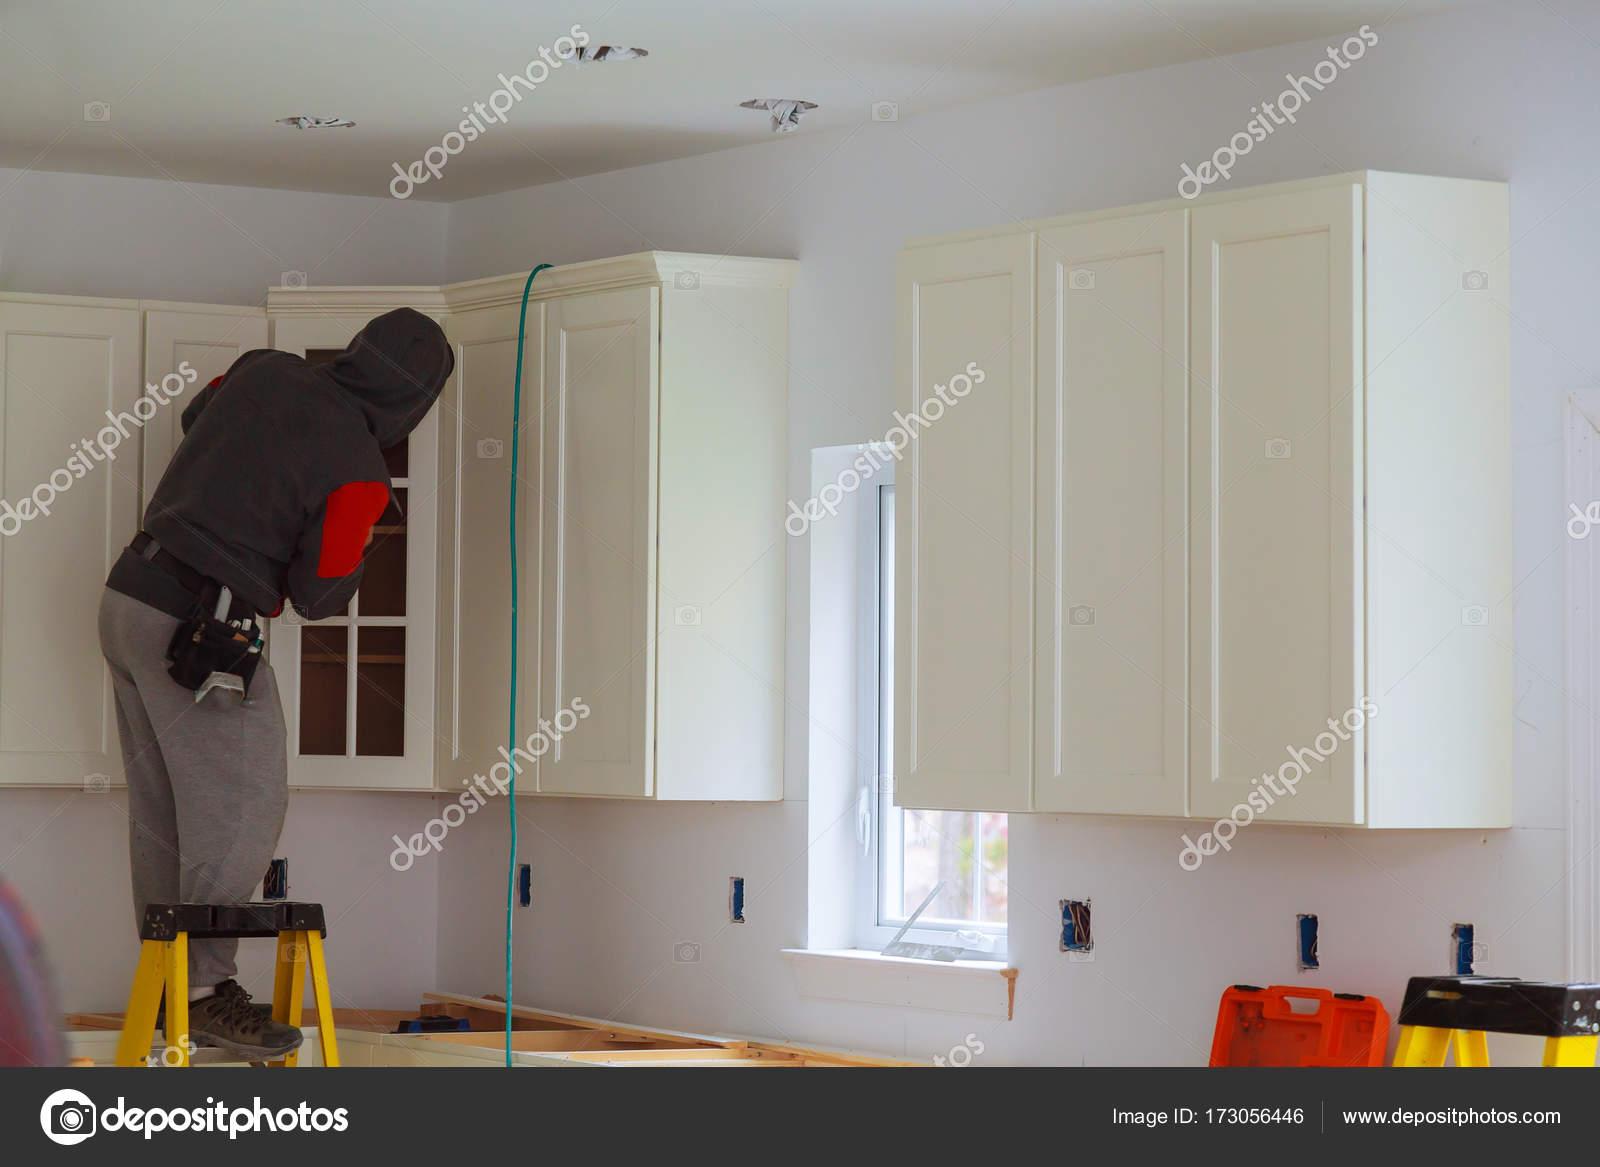 Artesano carpintero de cocina en el trabajo de servicio de ...